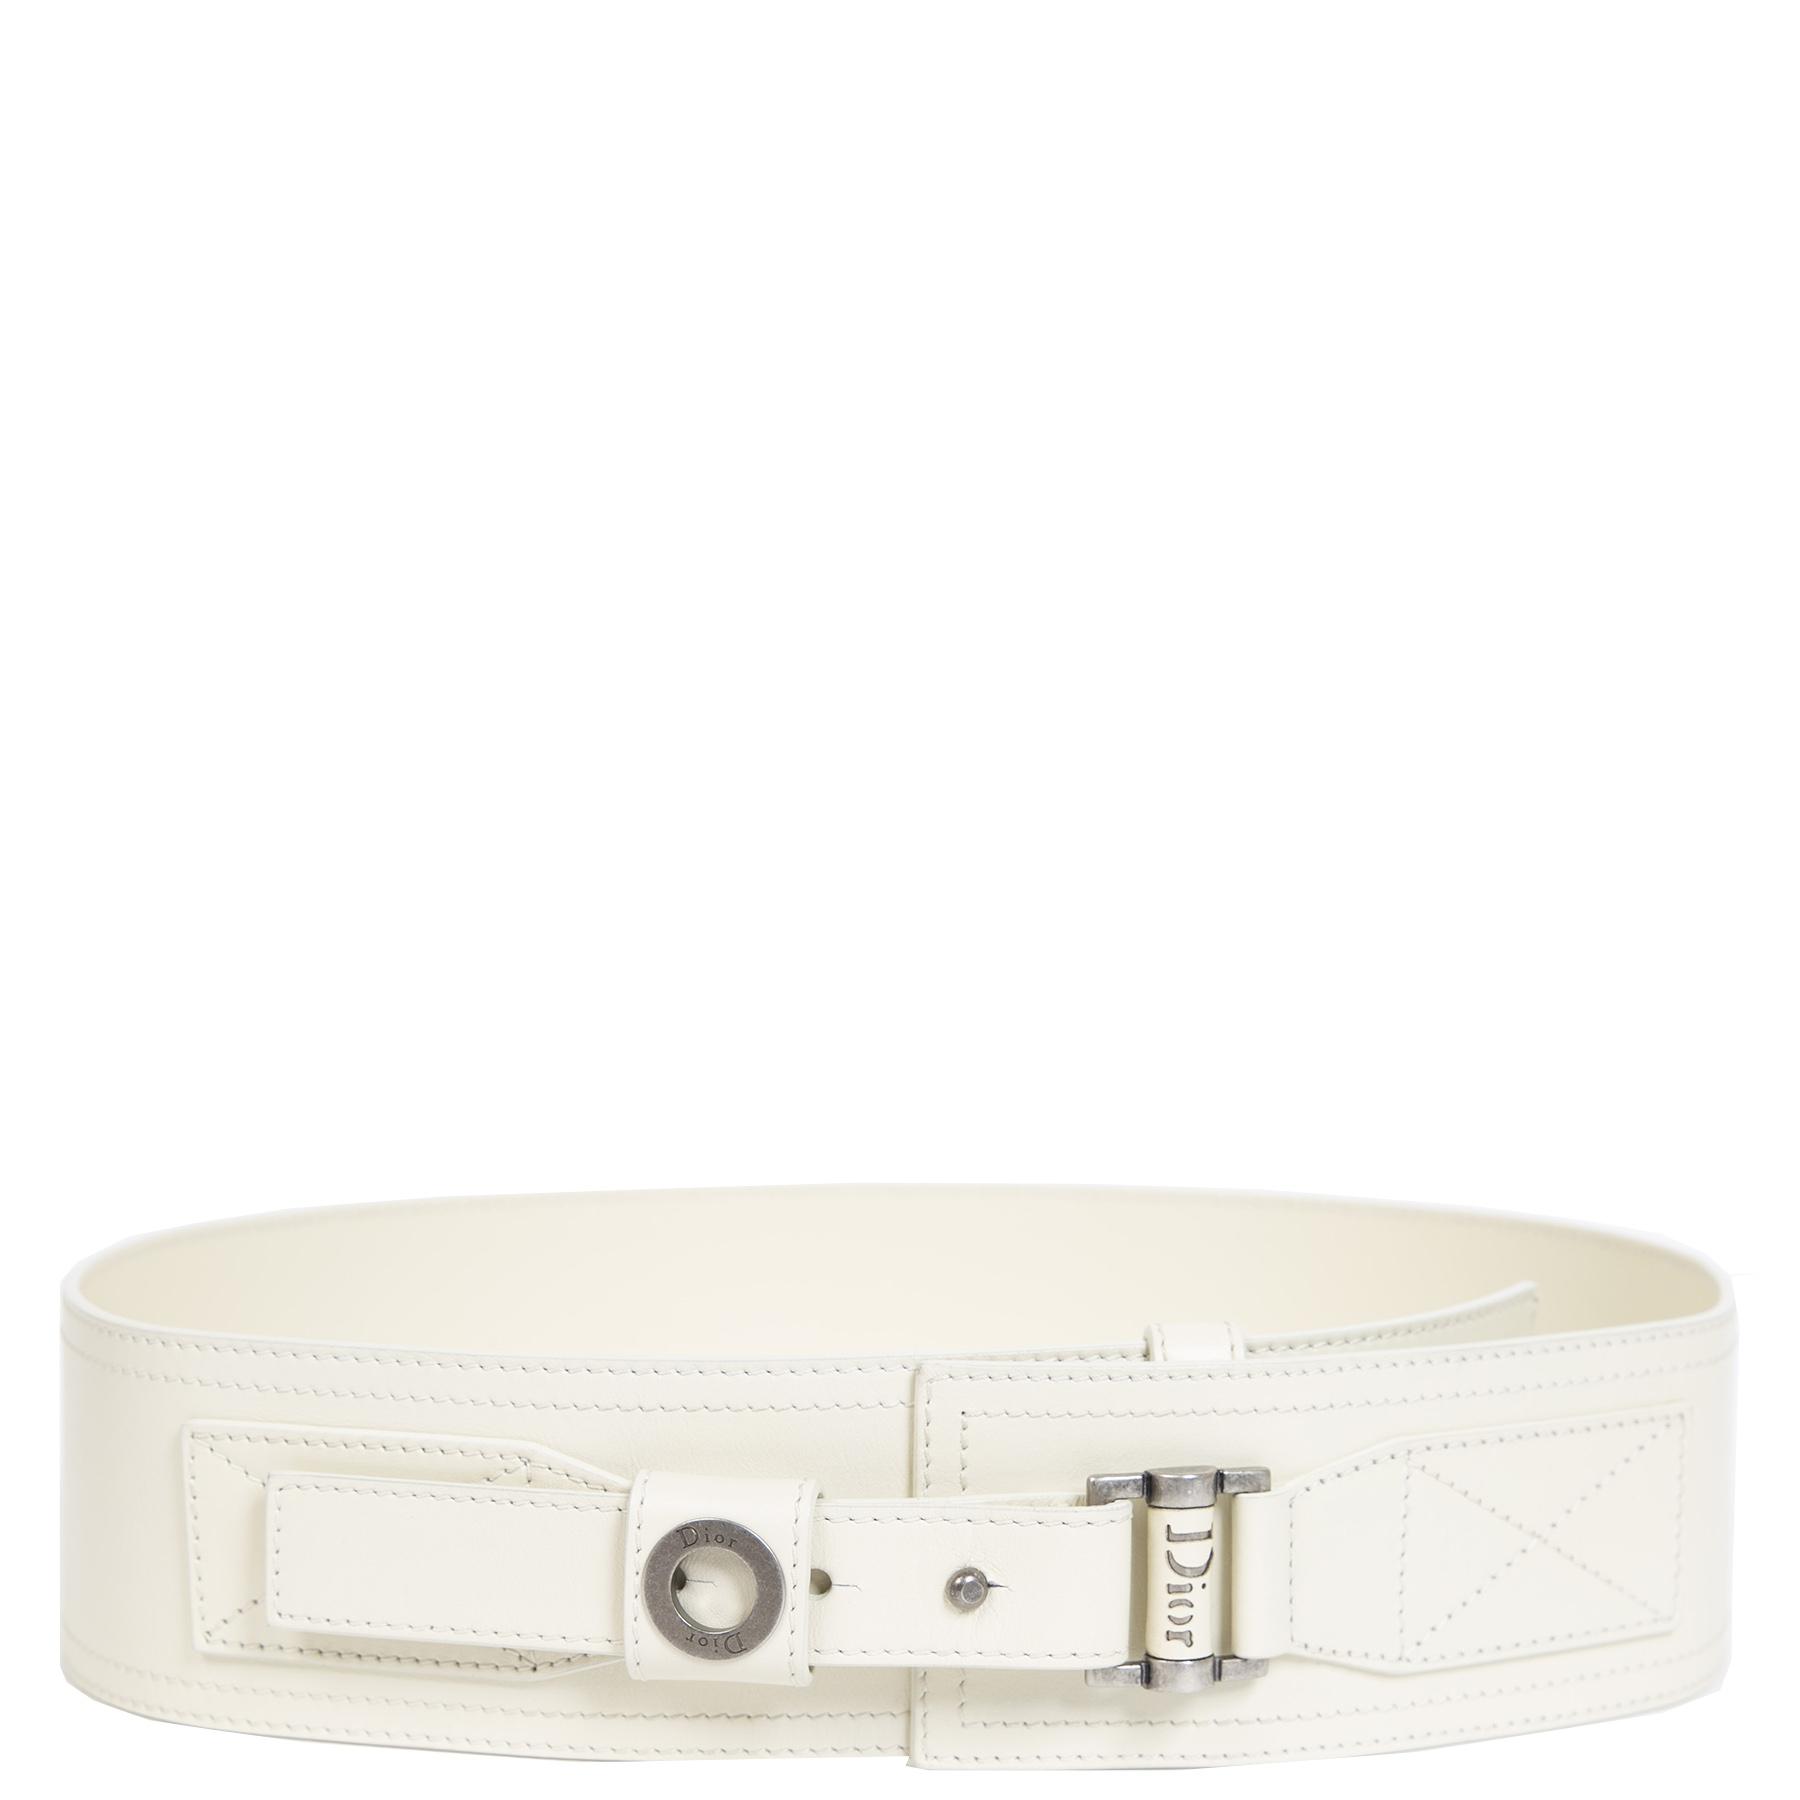 Authentieke Tweedehands Christian Dior Cream Wide Waist Belt juiste prijs veilig online shoppen luxe merken webshop winkelen Antwerpen België mode fashion